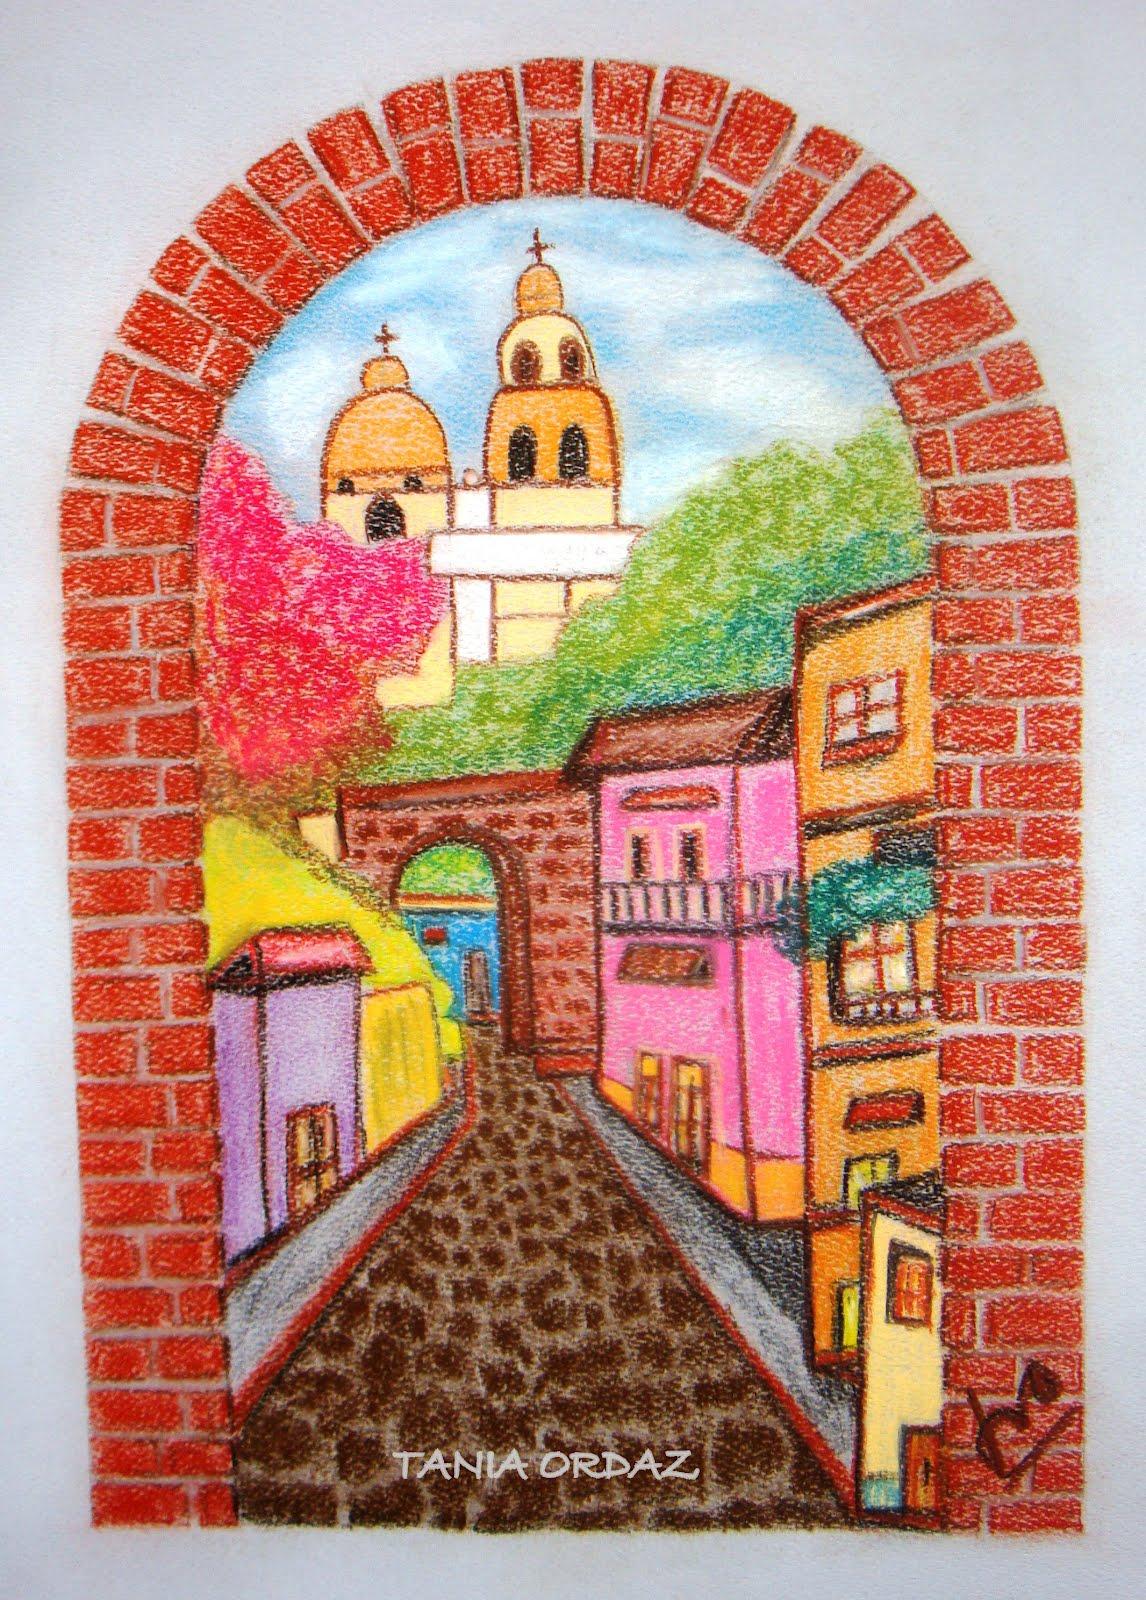 Pinturas de Tania Ordaz marzo 2012